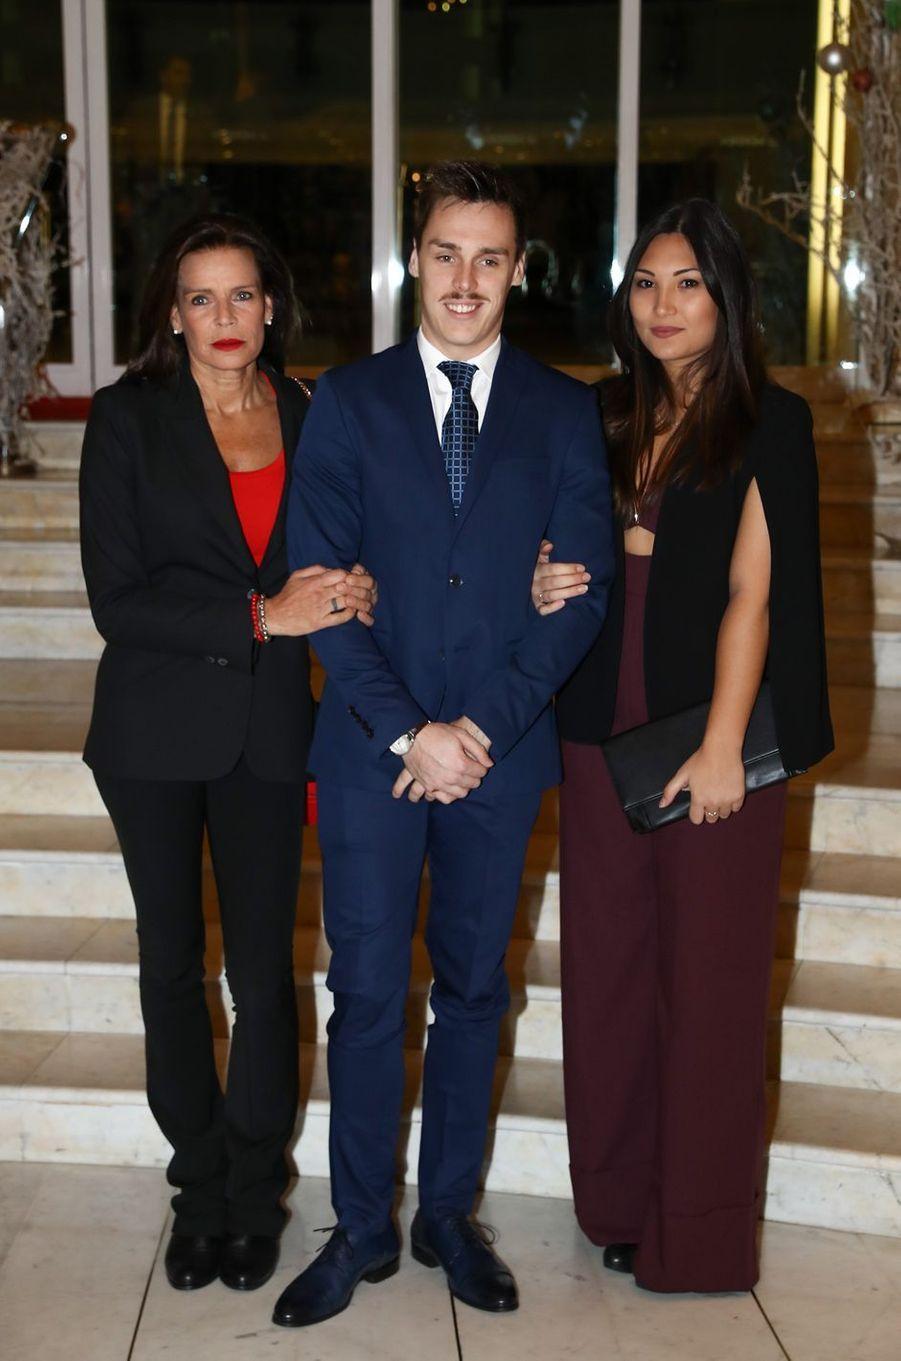 Louis Ducret et Marie Chevallier avec la princesse Stéphanie de Monaco, le 1er décembre 2017